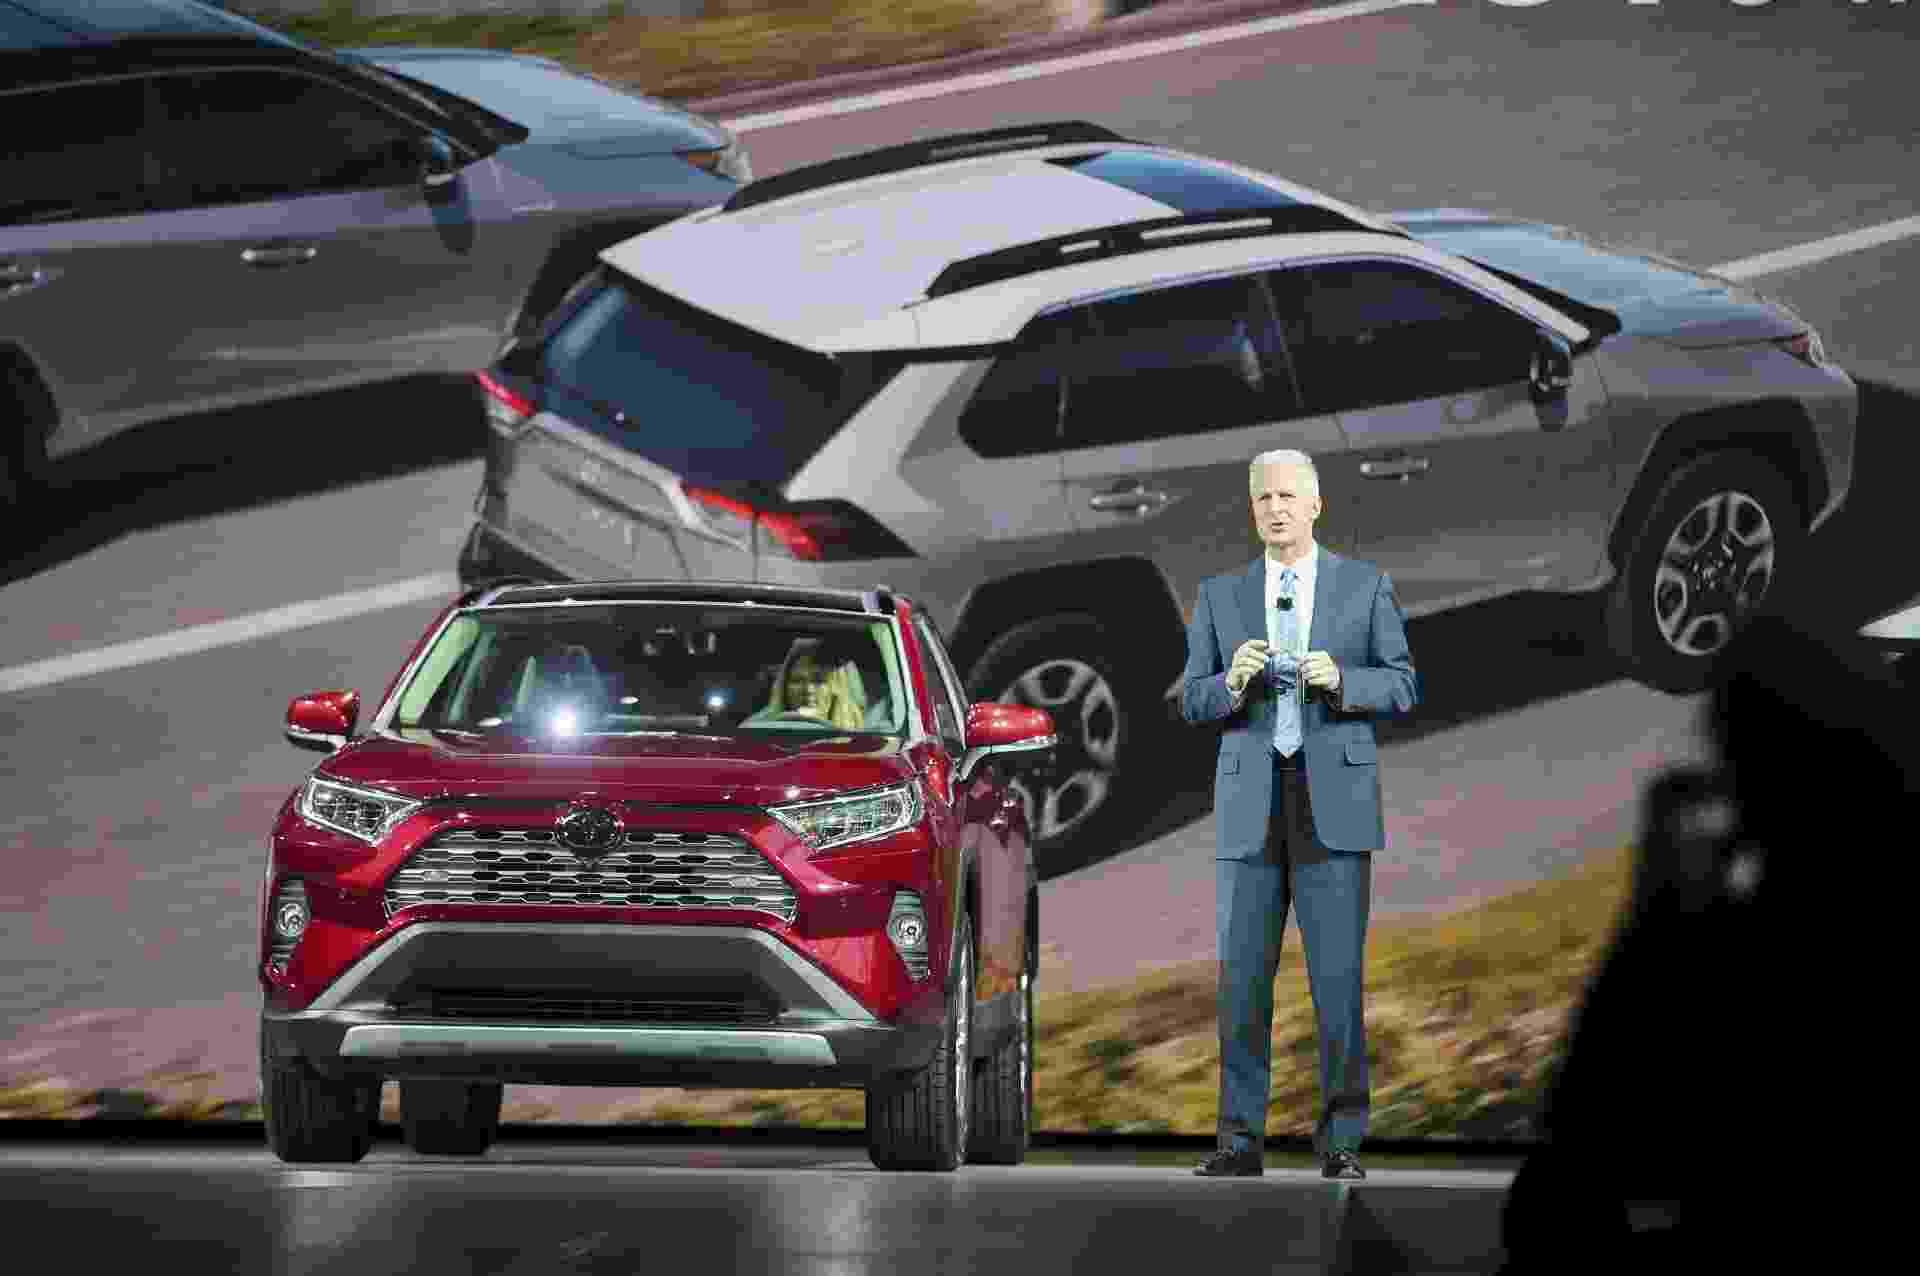 Toyota RAV4 2019 - Wang Ying/Xinhua